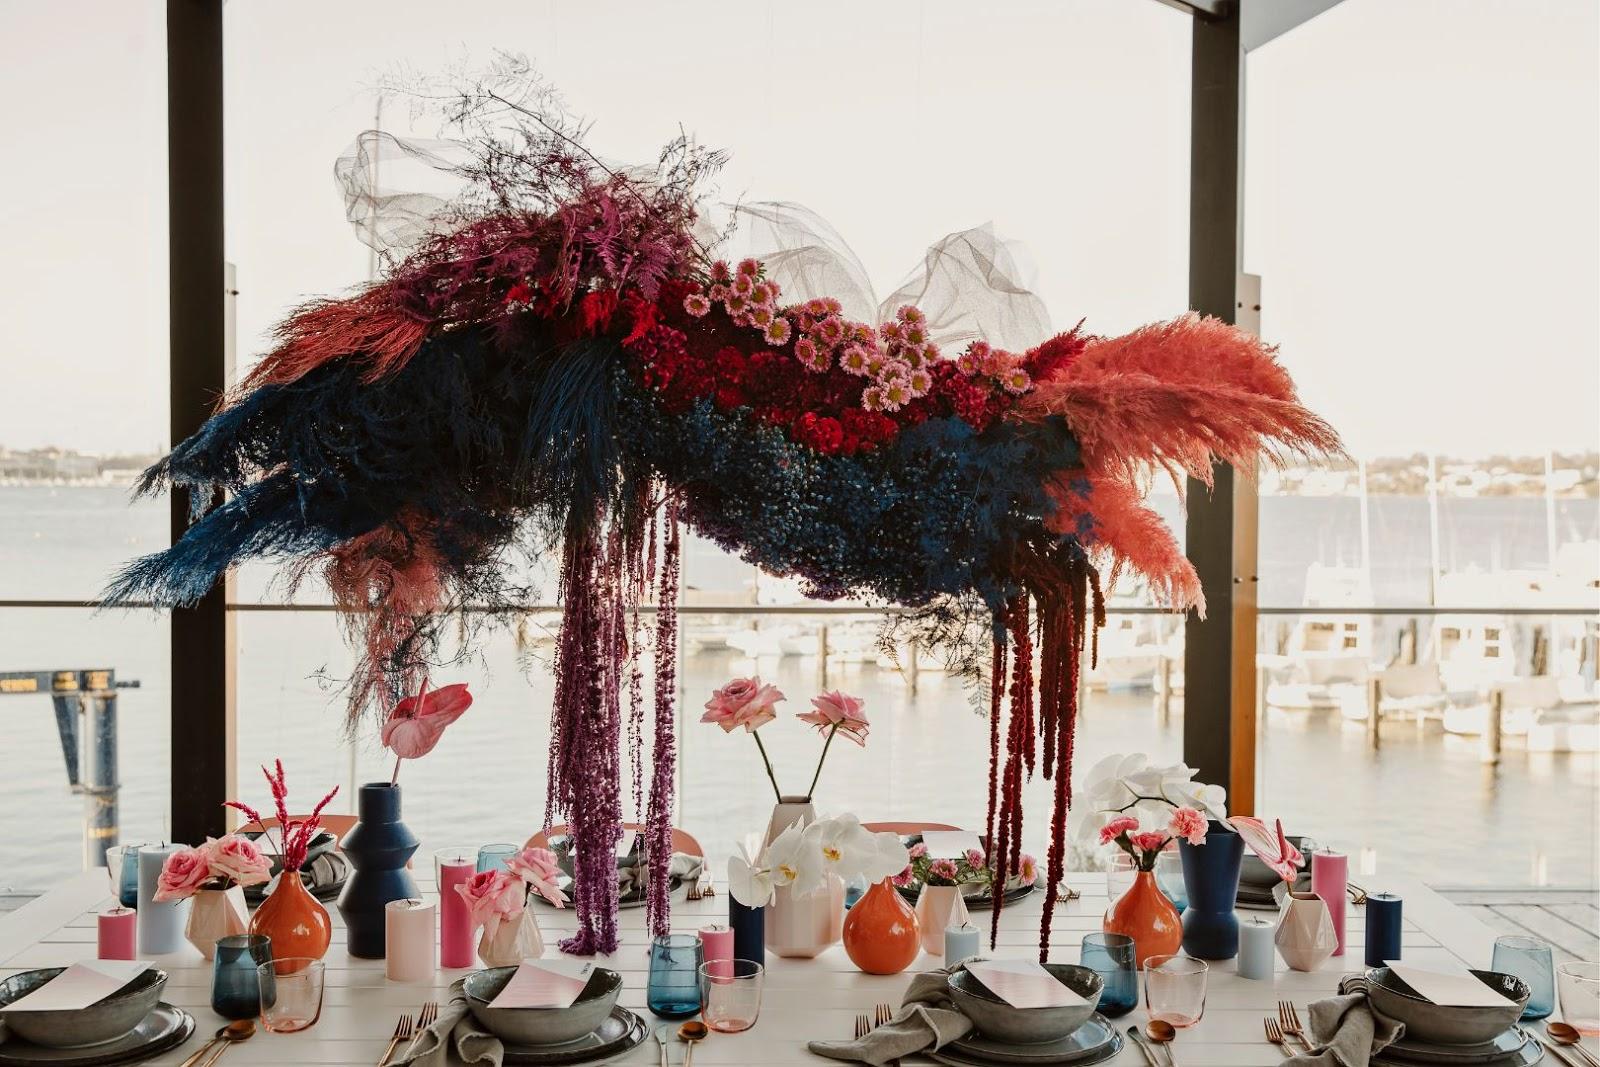 WEDDING FLORALS PERTH FLOWERS INSTALLATION CHRISTINE LIMM